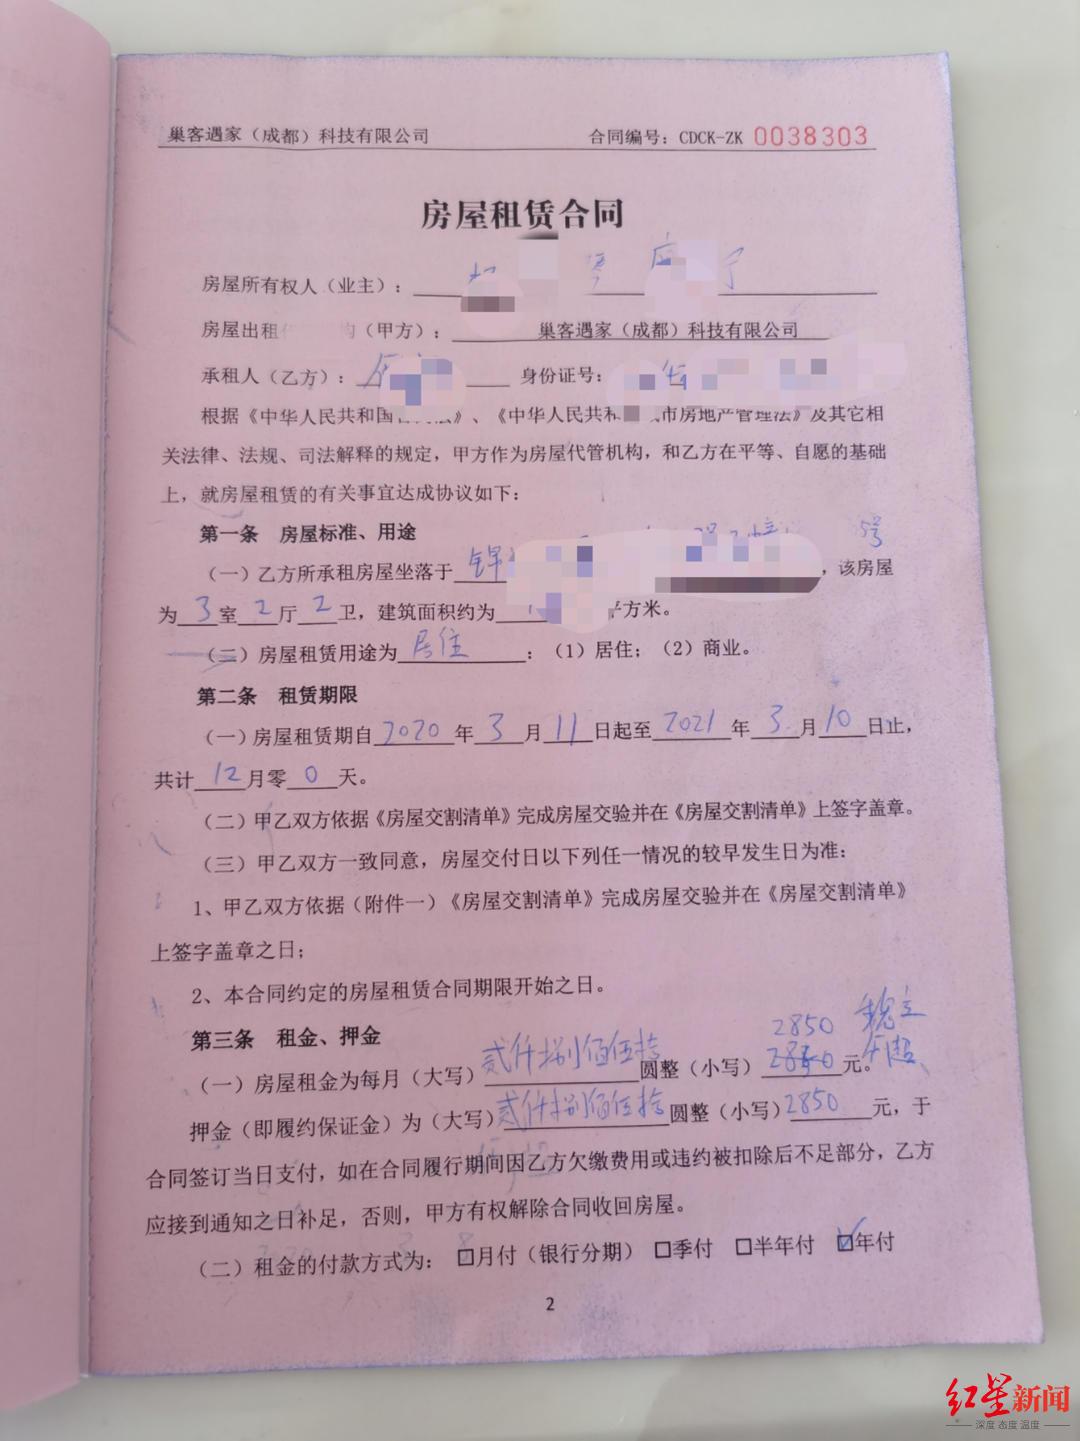 租客与公司签订的合同